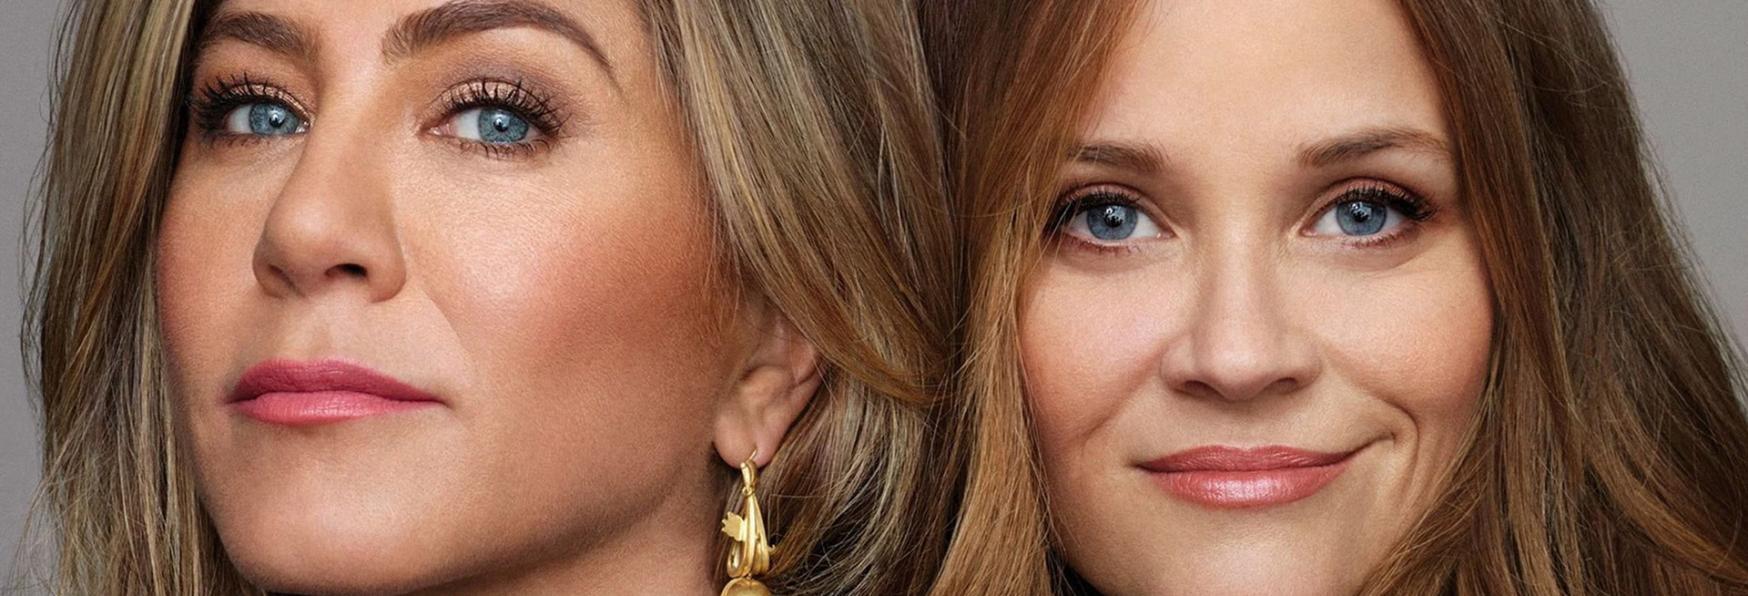 The Morning Show: Jennifer Aniston parla della Serie TV Apple e dell'Enorme Impatto Emotivo che ha avuto su di Lei